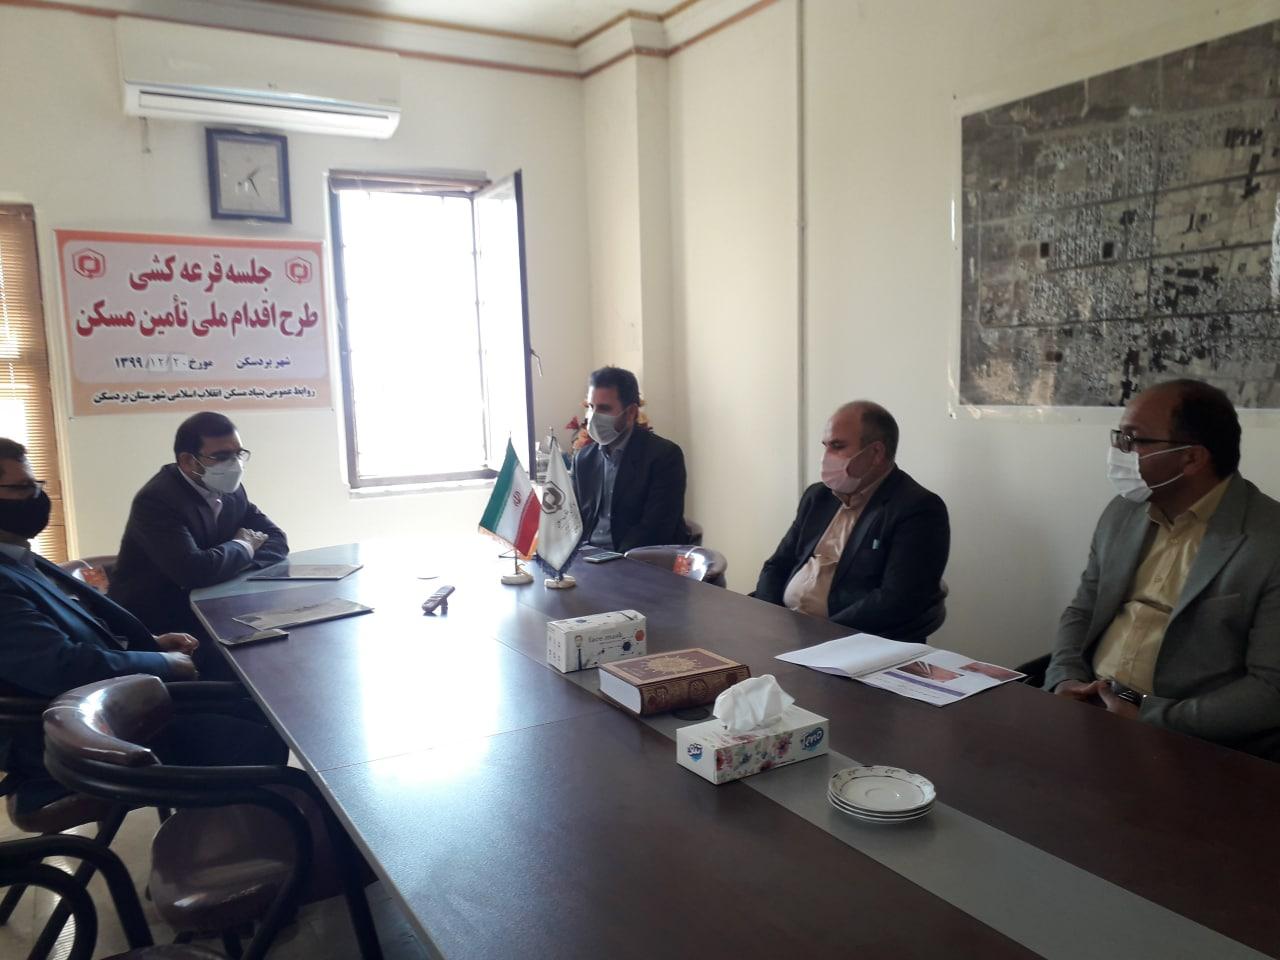 مقاوم سازی 40 درصد واحدهای مسکونی در روستاهای شهرستان بردسکن